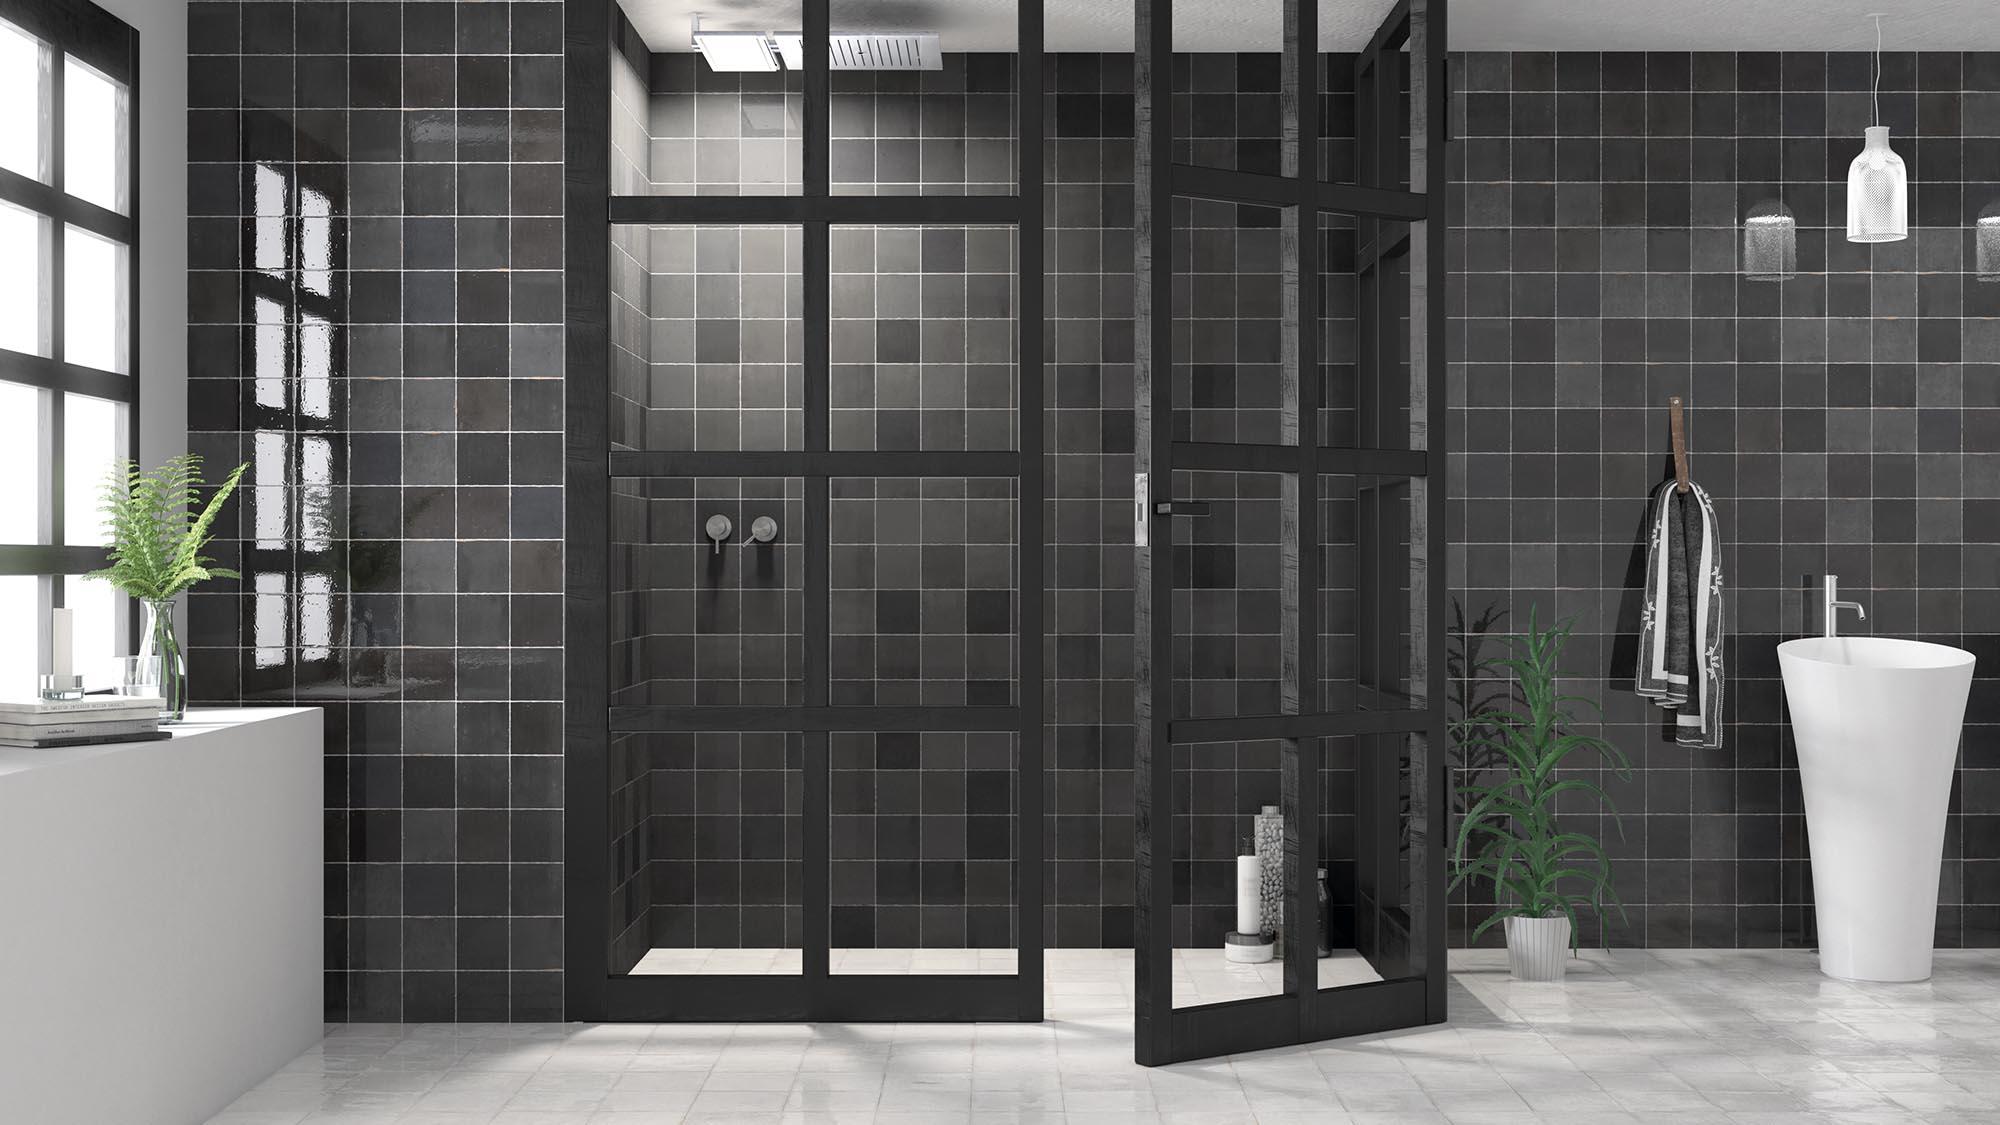 Een Gezellige Badkamer : Een gezellige badkamer cvc budget voor badkamer ontwerp een kleine